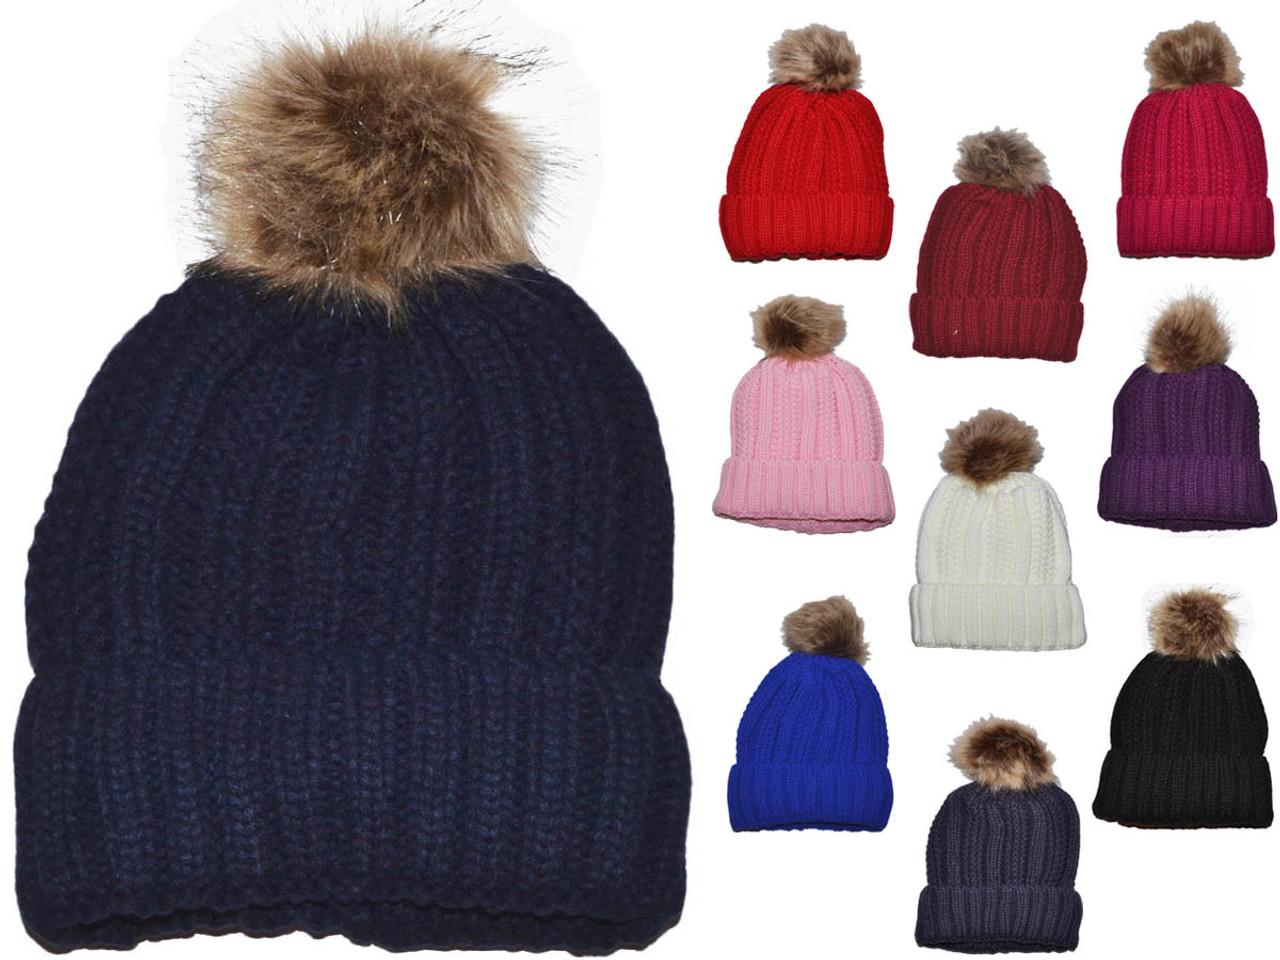 Pom Pom Hat Beanie Hat Winter Hat Knit Hat Pom Pom Beanie 3 Color Beanie Hat